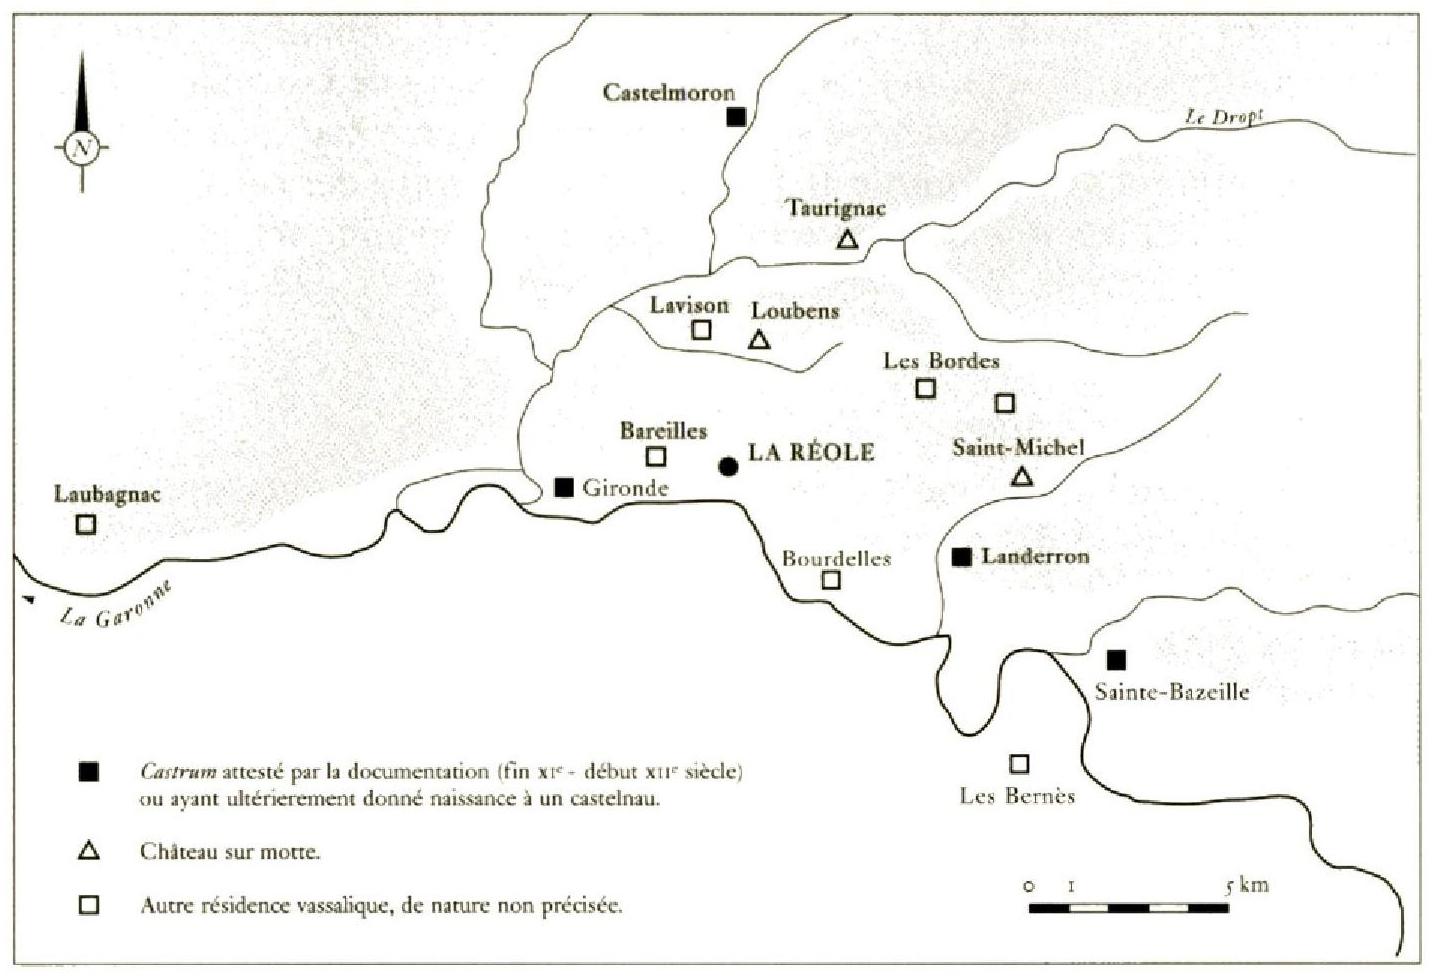 Les Origines De La Feodalite Seigneurie Et Feodalite En Bordelais D Apres Les Vieilles Coutumes De La Reole Casa De Velazquez